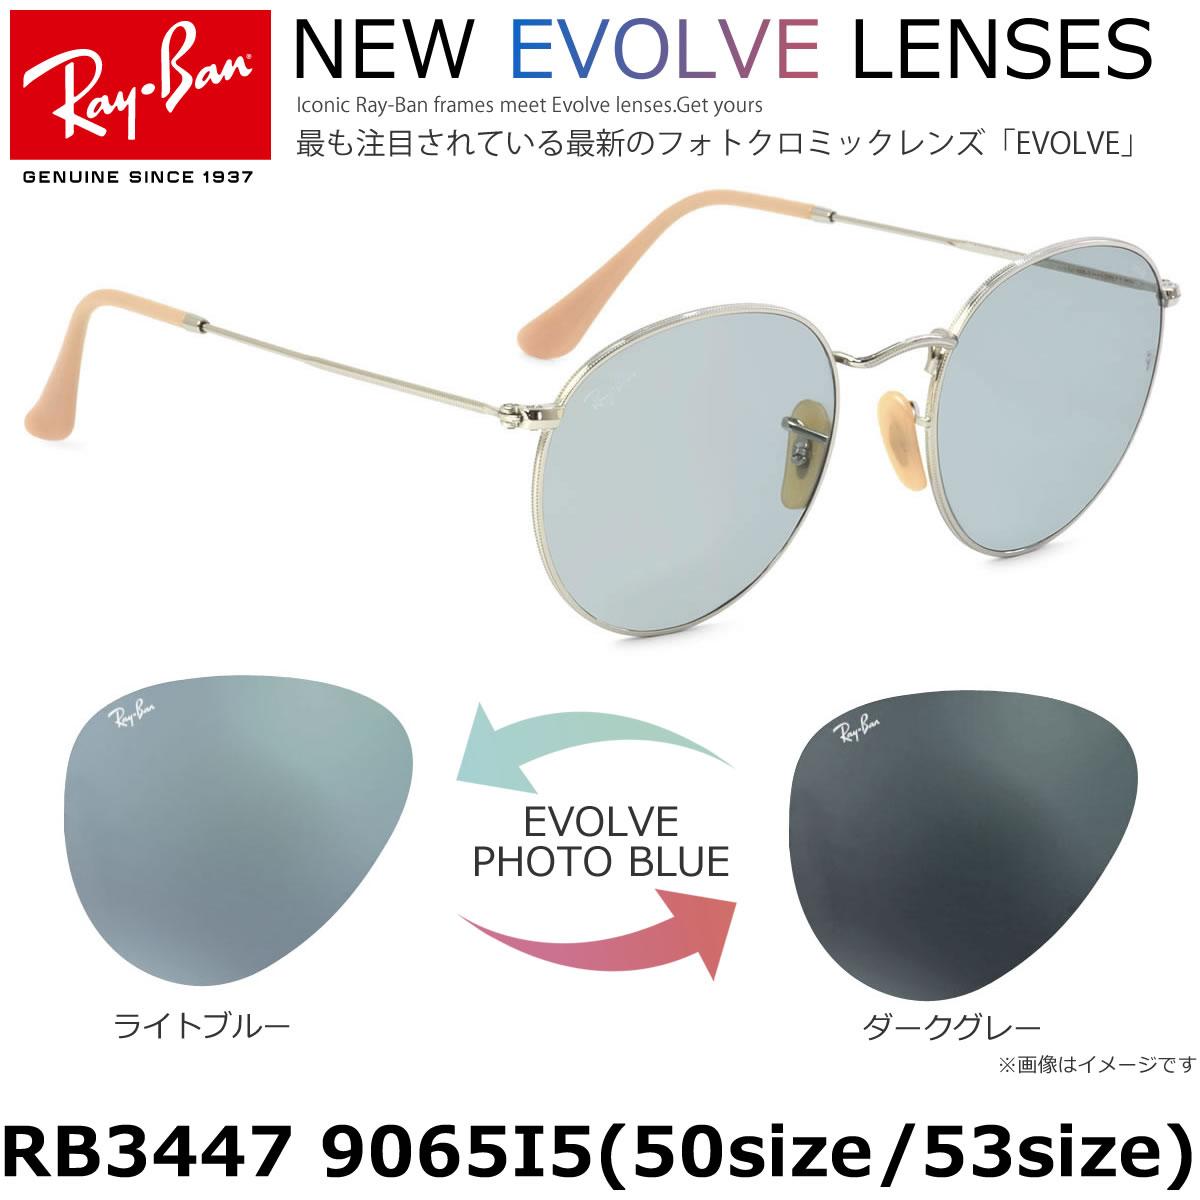 レイバン Ray-Ban サングラス RB3447 9065I5 50サイズ 53サイズ ROUND METAL ラウンド EVOLVE LENS エボルブ レンズ 調光レンズ レイバン RayBan メンズ レディース